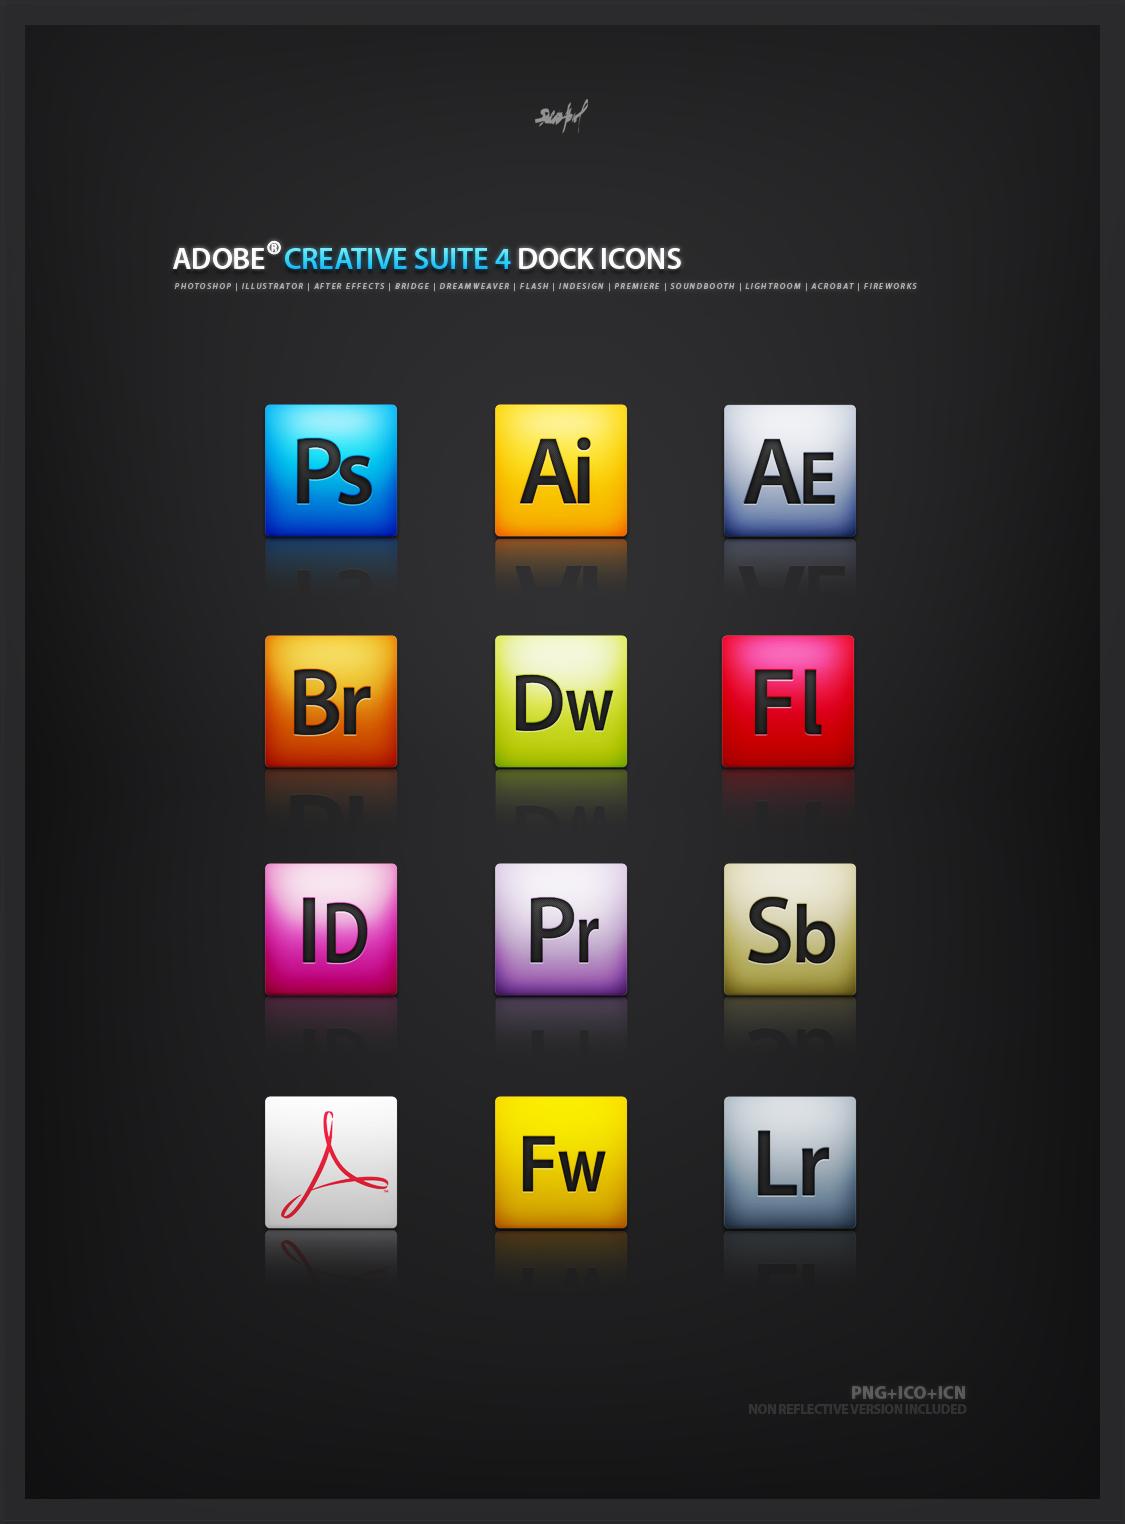 Adobe CS4 mini icon set